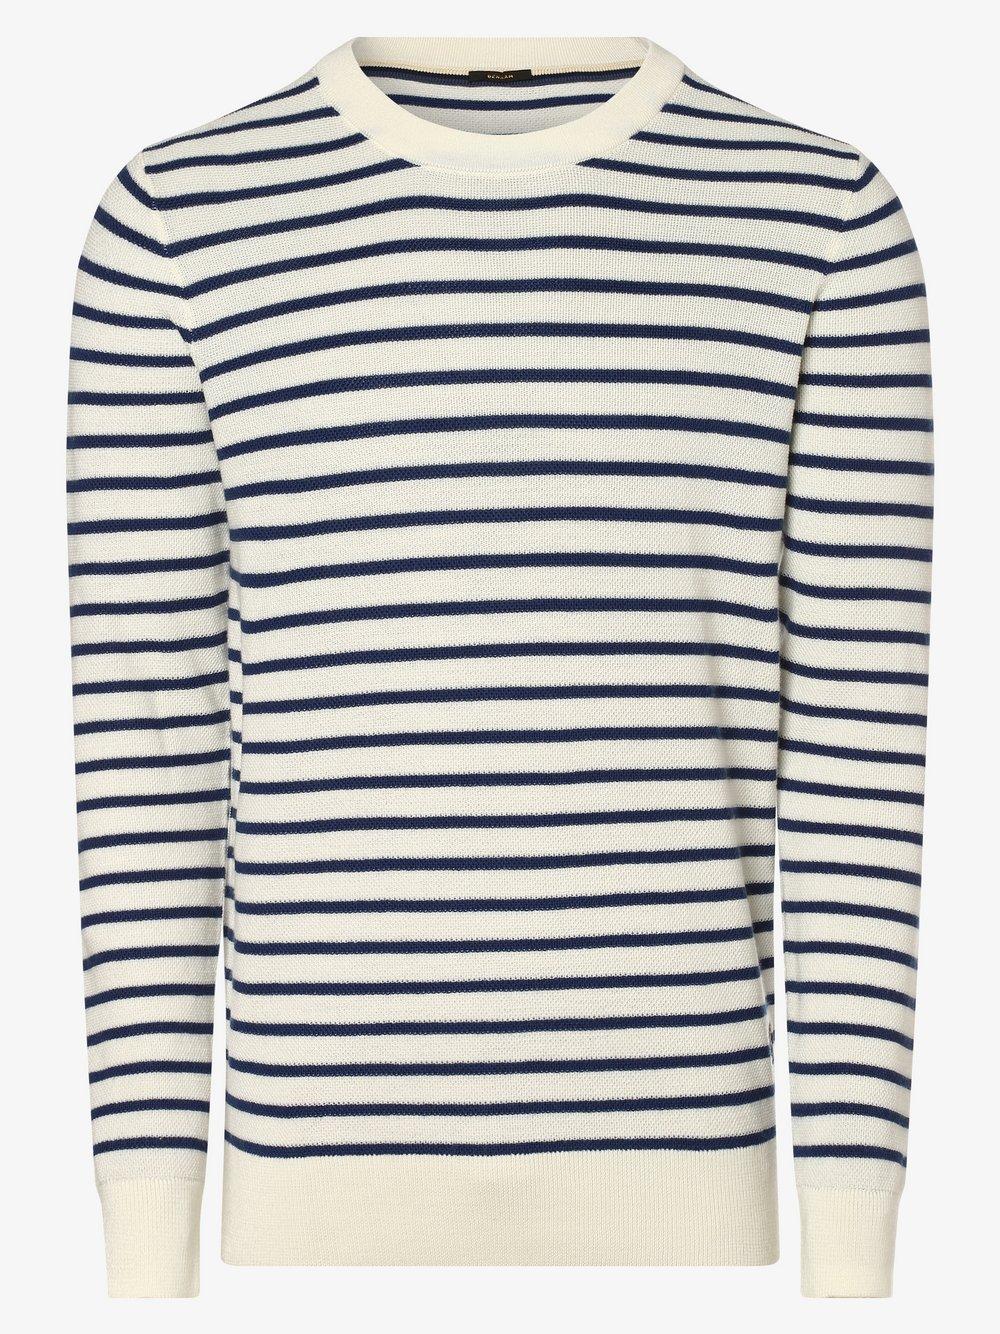 DENHAM – Sweter męski, niebieski Van Graaf 473199-0001-09900